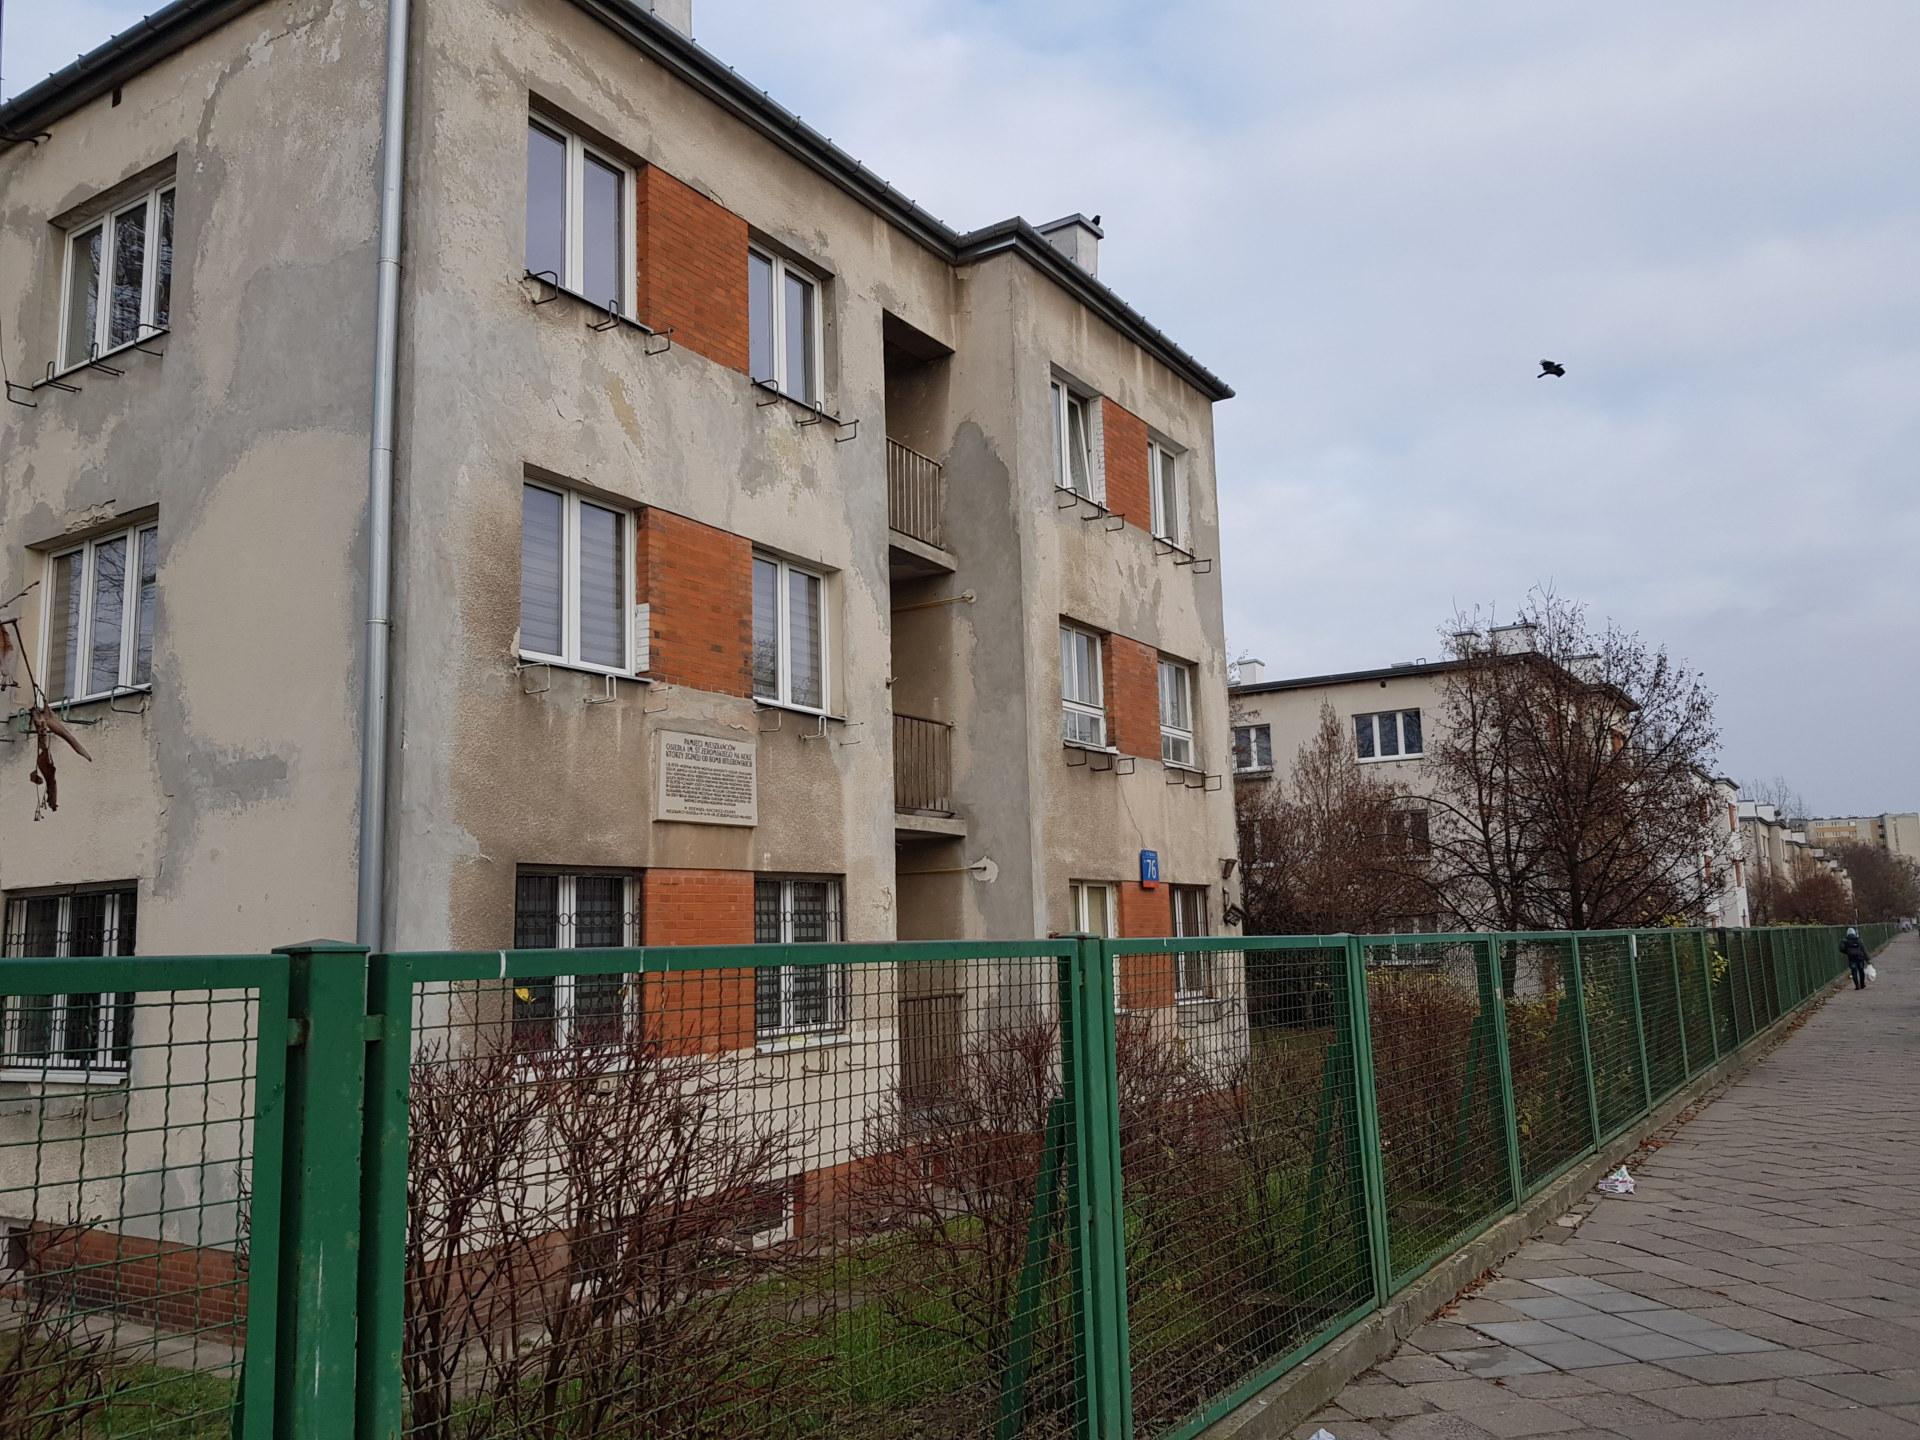 Dwupiętrowy budynek mieszkalny, zdjęcie zrobione z chodnika.